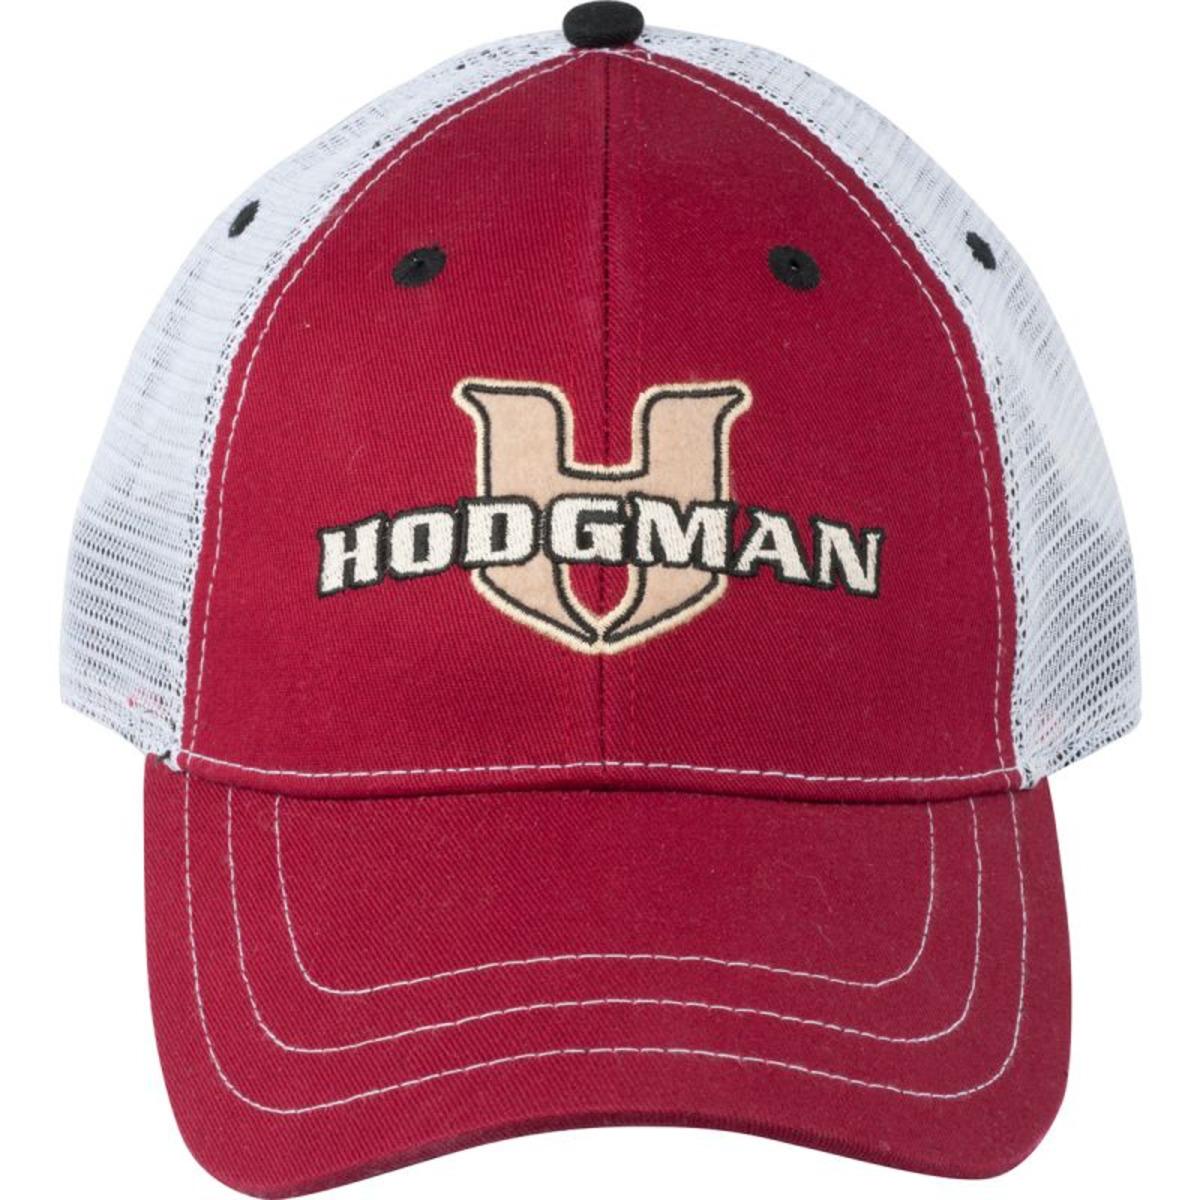 Hodgman Casquette Trucker Patch - Taille Unique - Couleur Rouge Grenadine